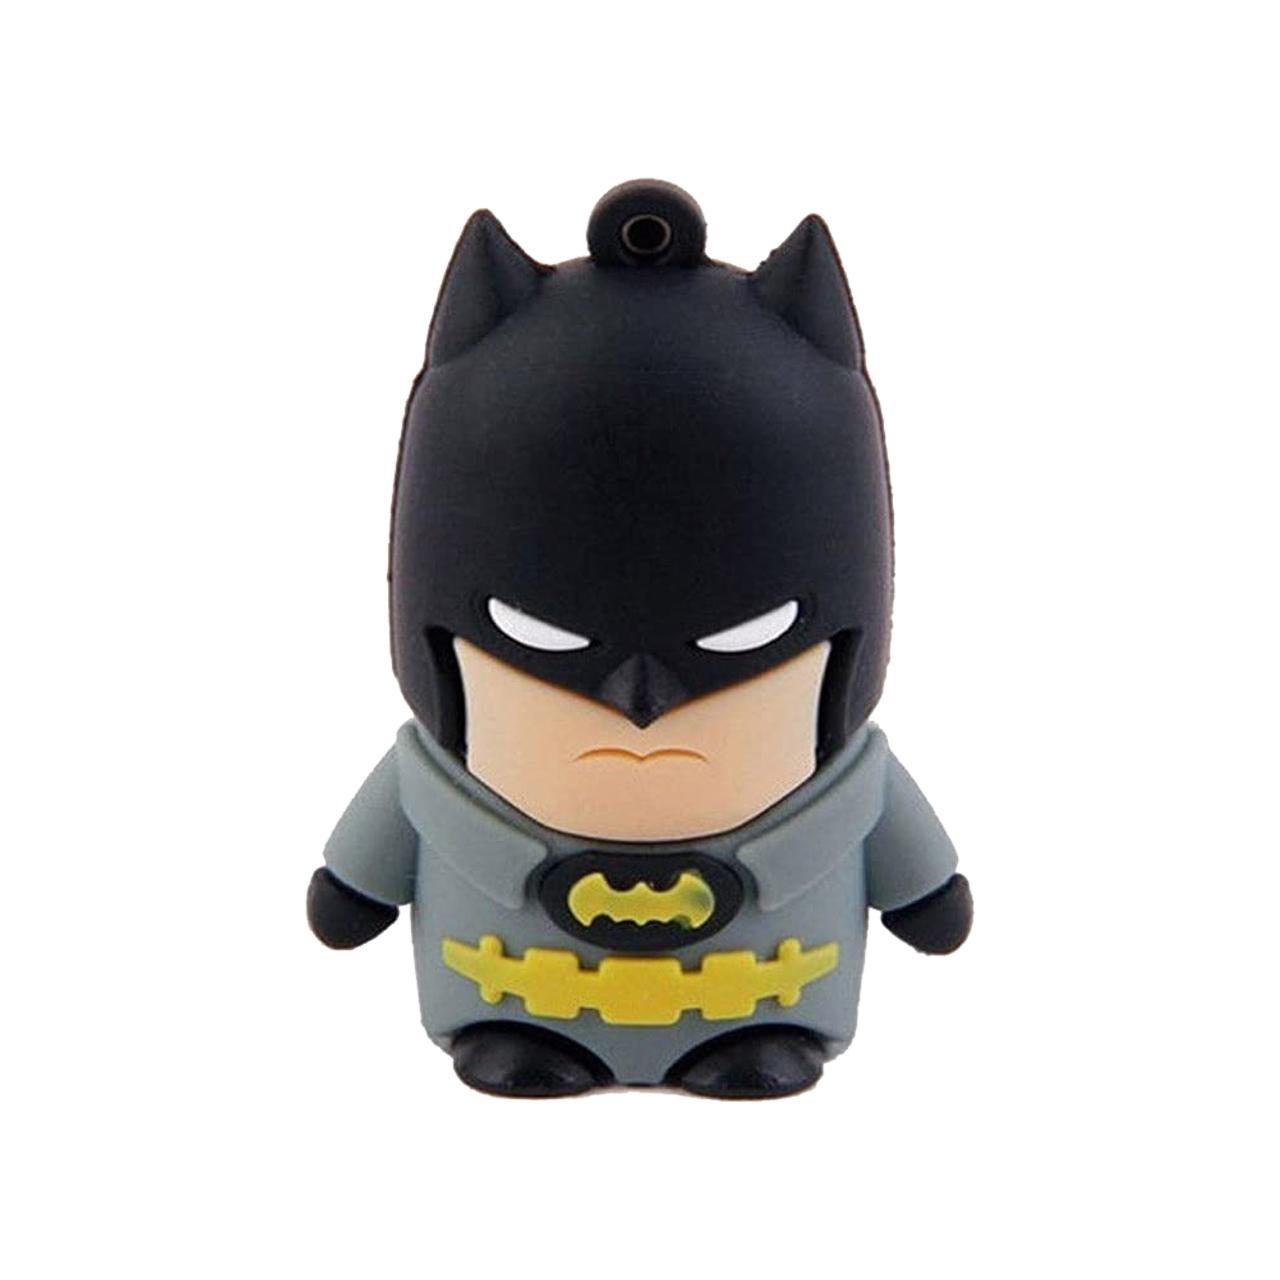 بررسی و {خرید با تخفیف}                                     فلش مموری طرح بت من مدل UL-Batman01 ظرفیت 64 گیگابایت                             اصل